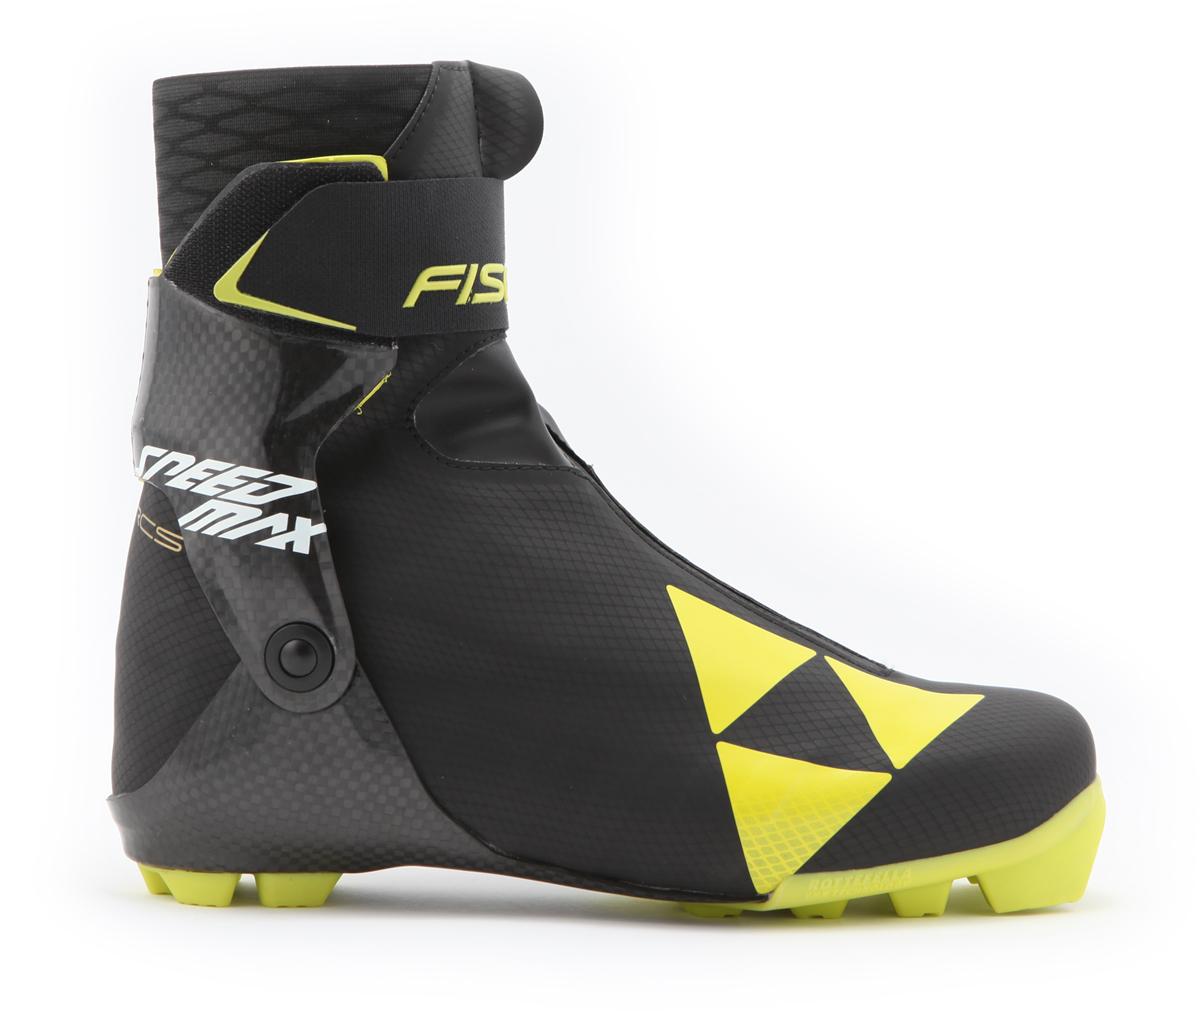 fischer_speedmax_skate1_1.jpg